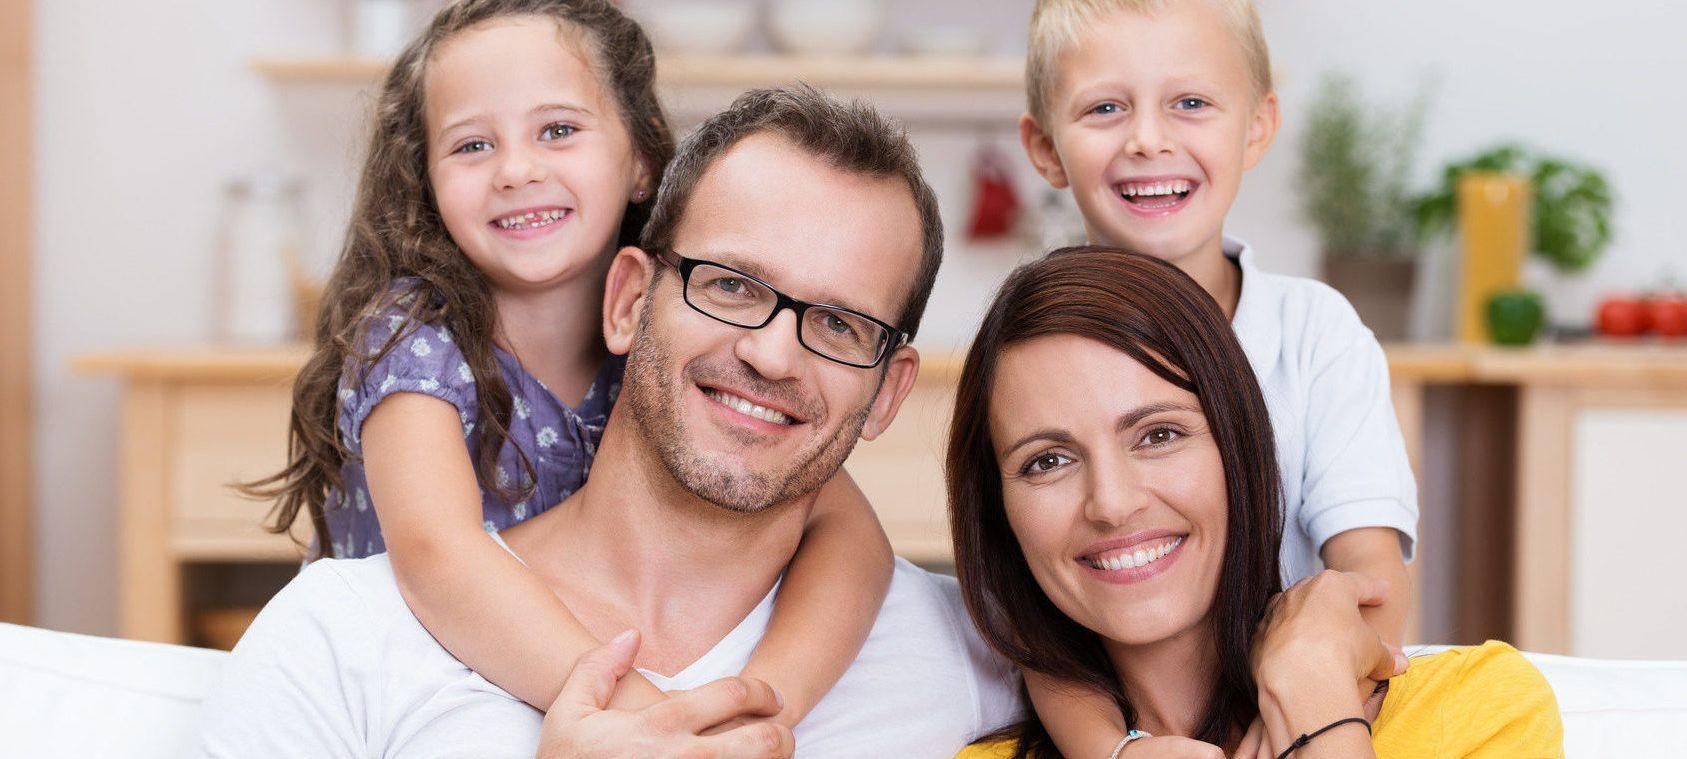 Portail familles - Portail famille valenciennes ...